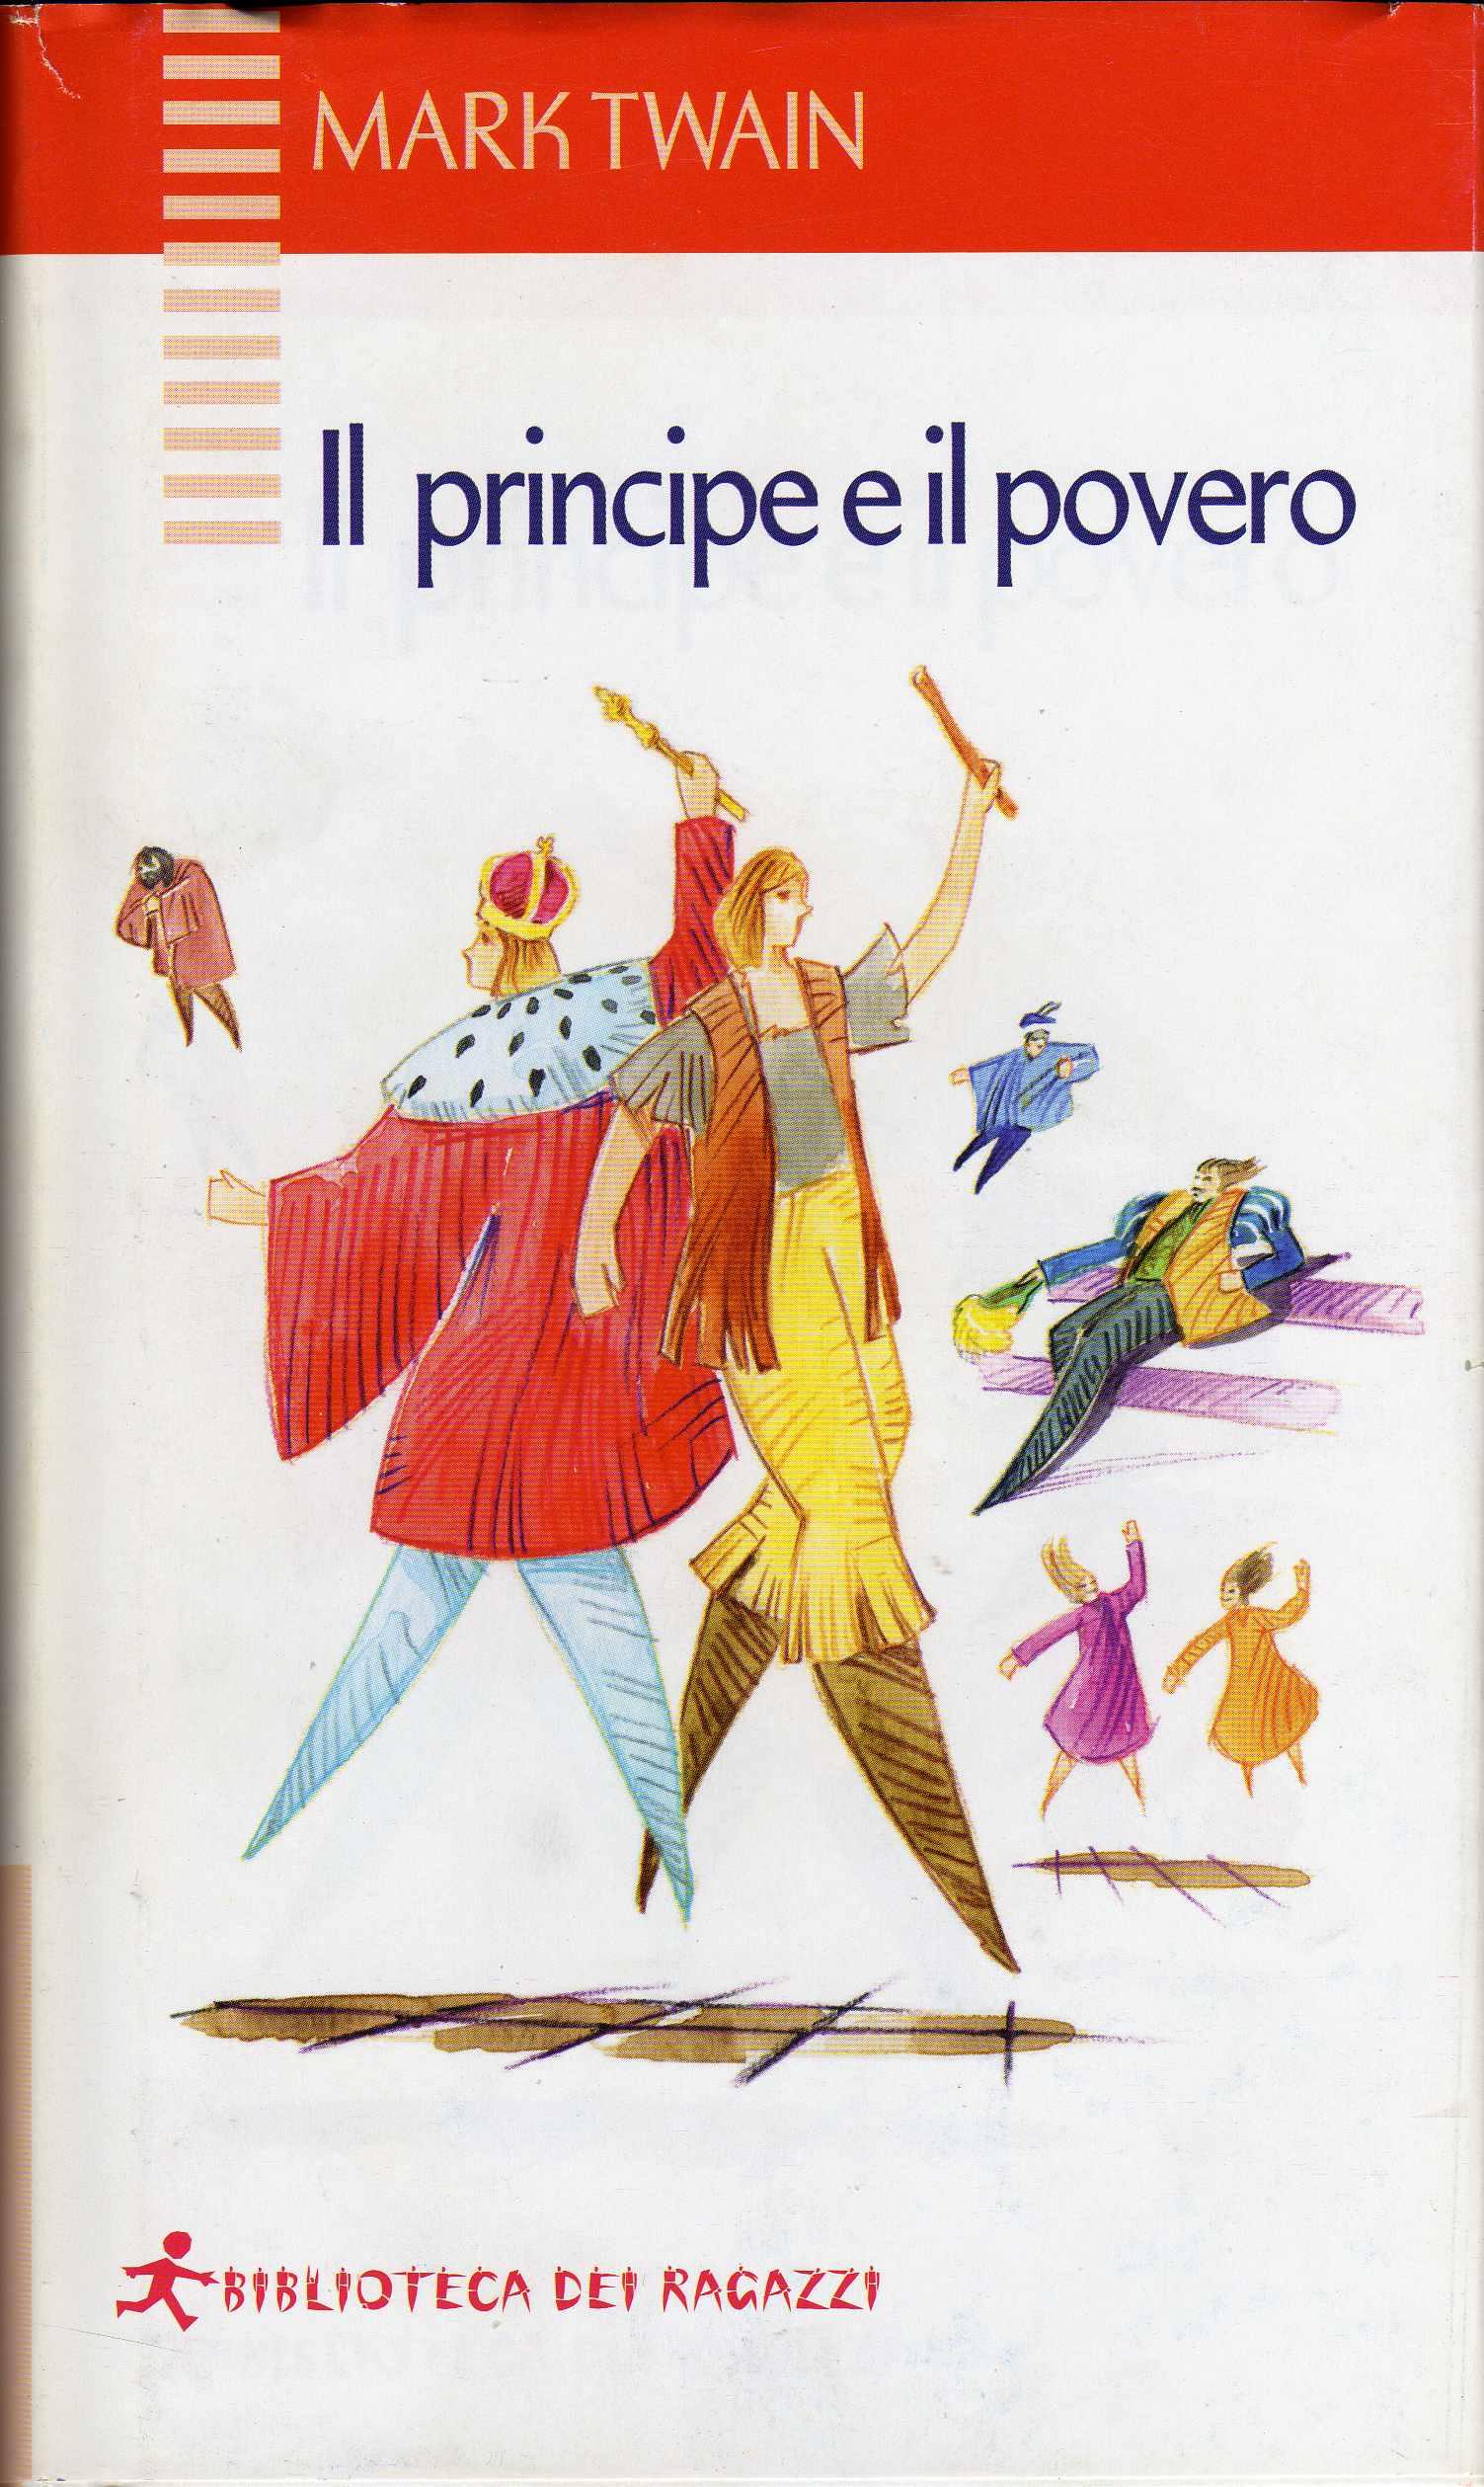 Risultati immagini per il principe e il povero edizione biblioteca dei ragazzi libro